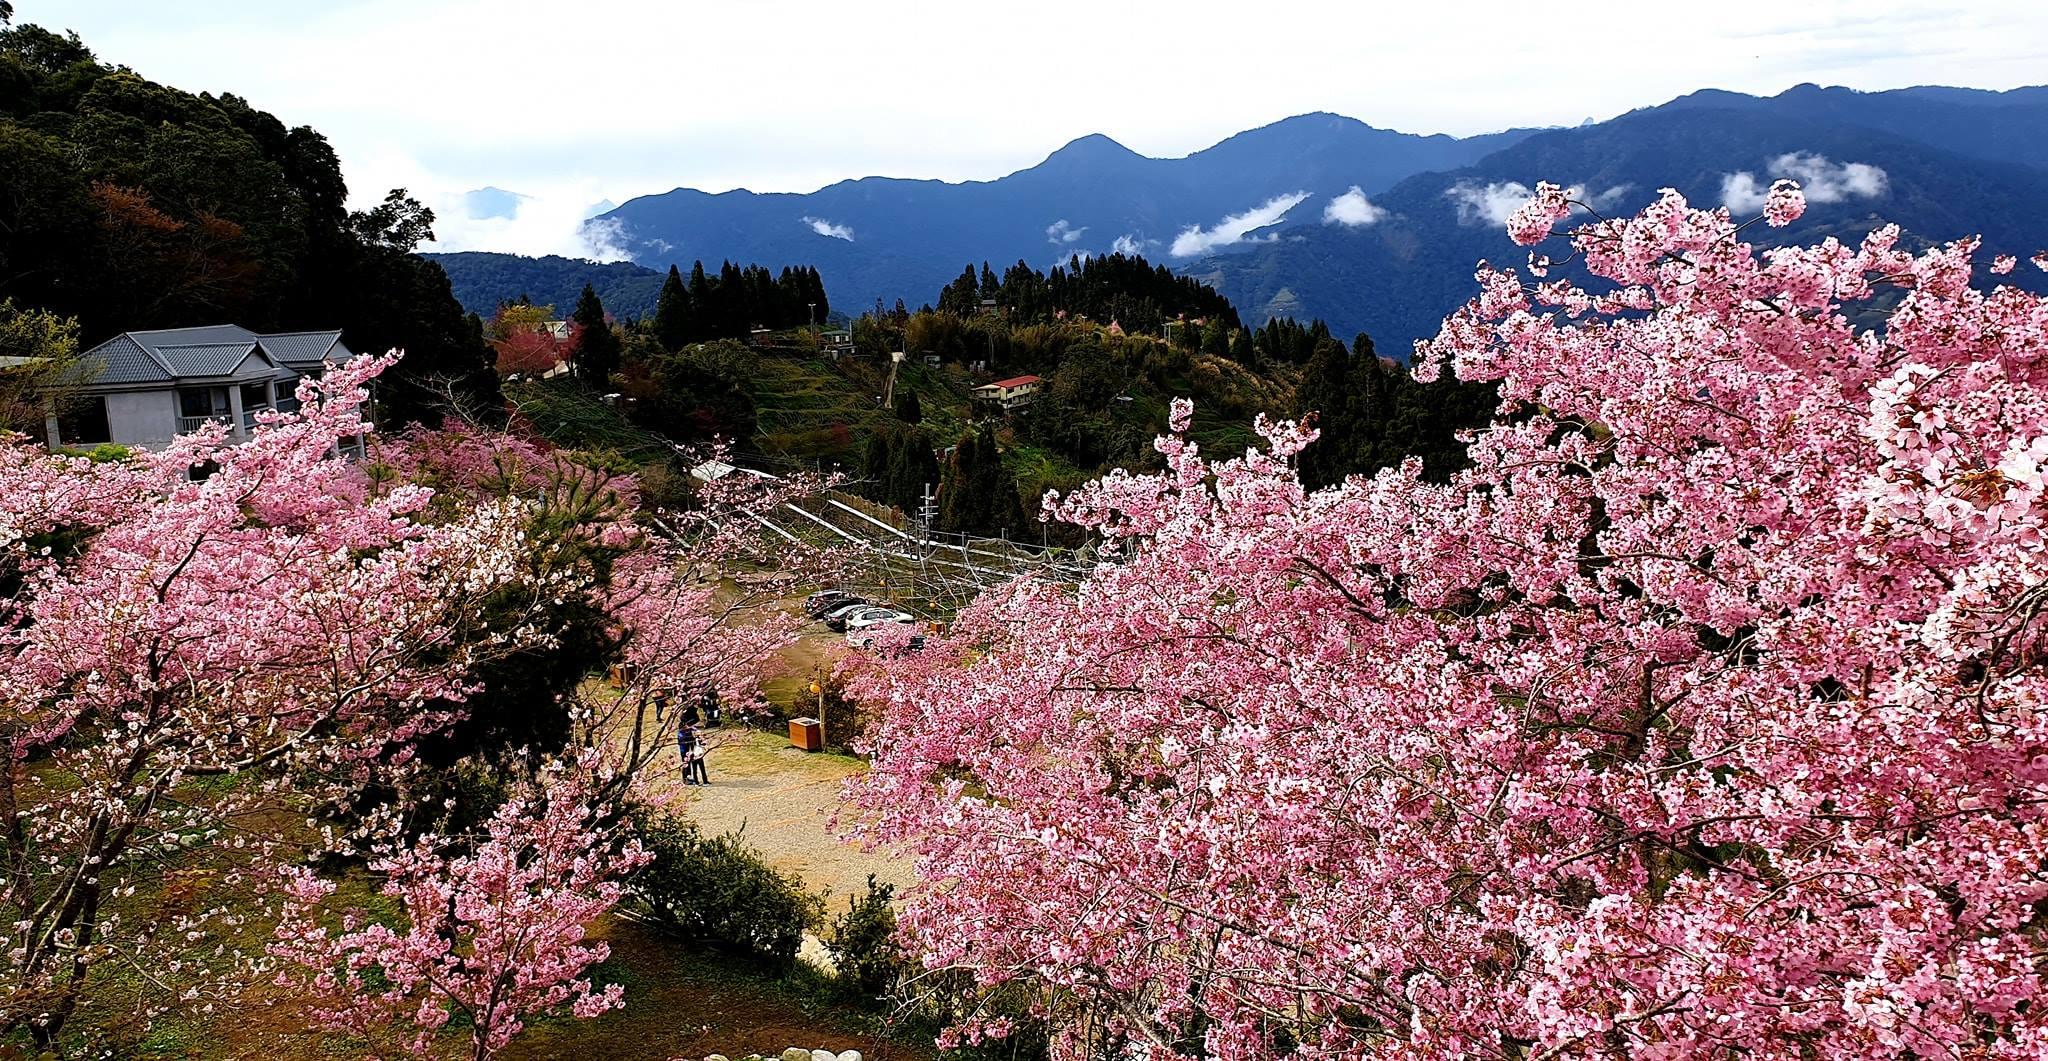 台灣櫻花景點:桃園 拉拉山恩愛農場,圖片取自拉拉山恩愛農場FB粉絲團。